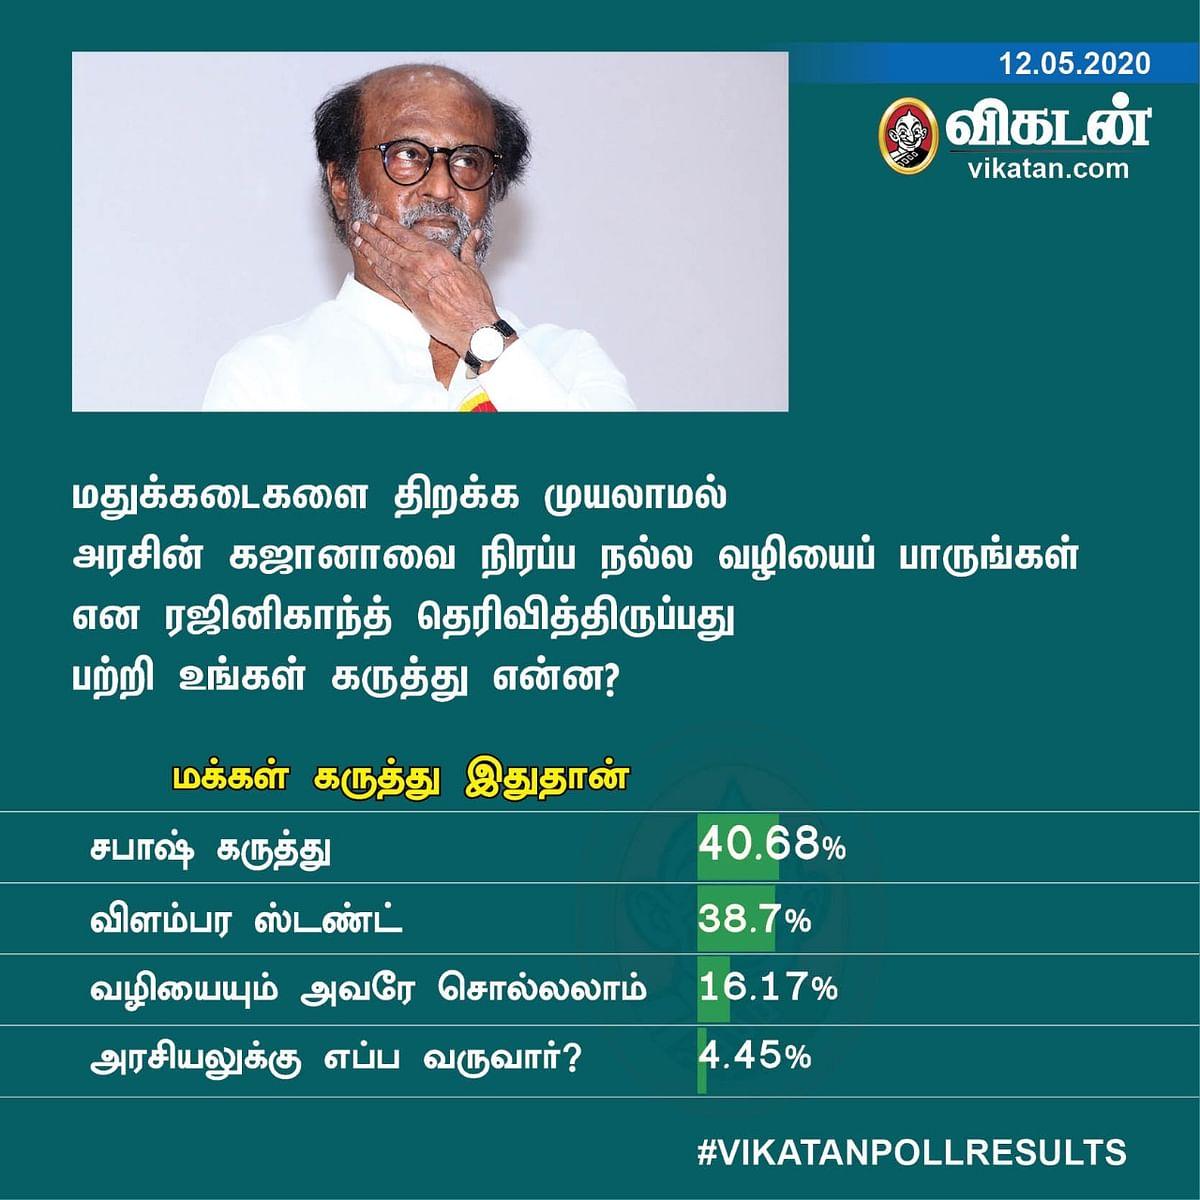 Rajinikanth Vikatan Poll